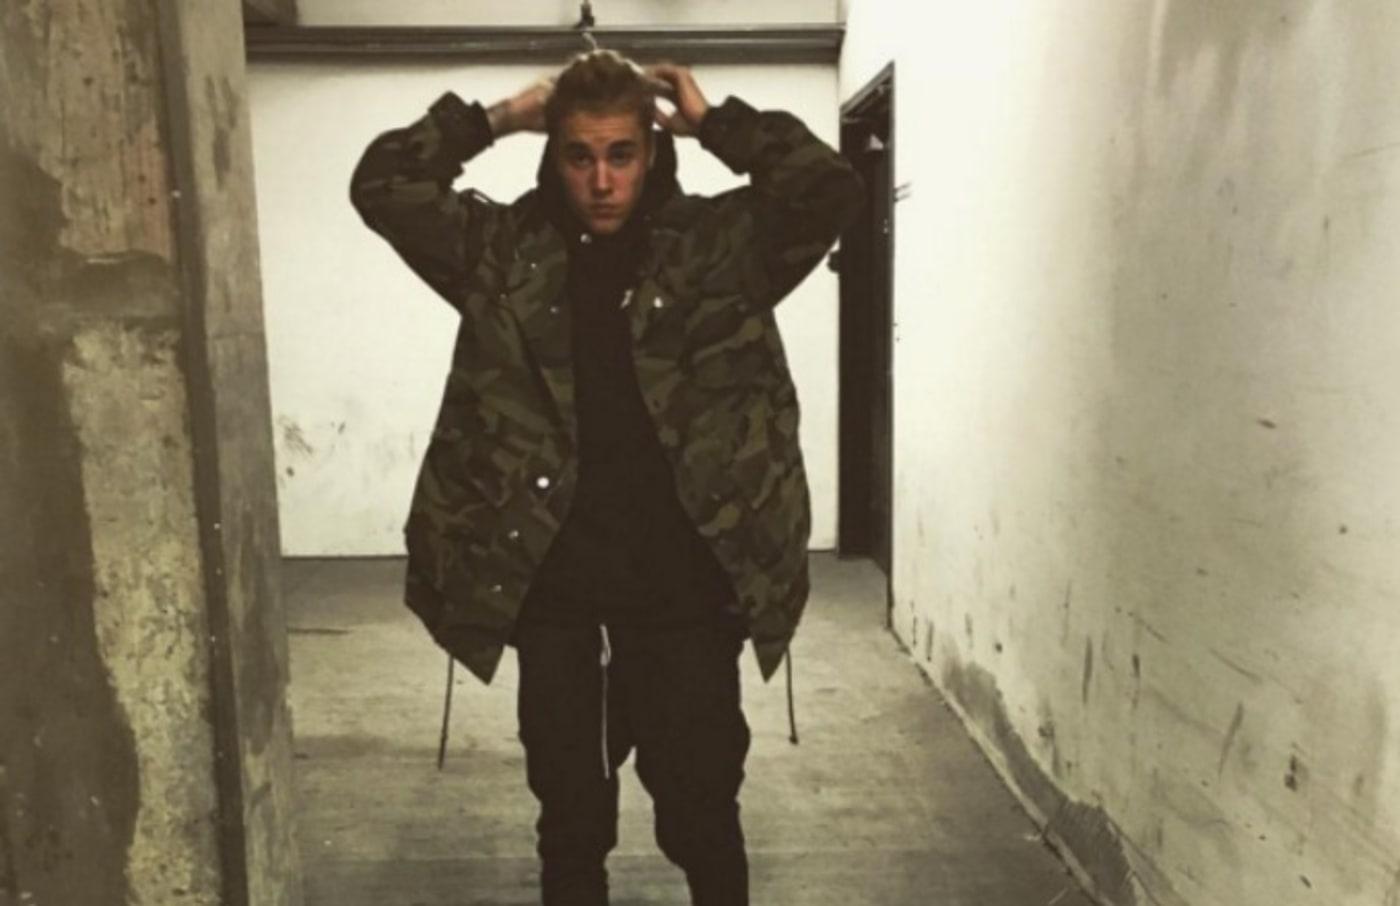 justin bieber instagram selfie army jacket